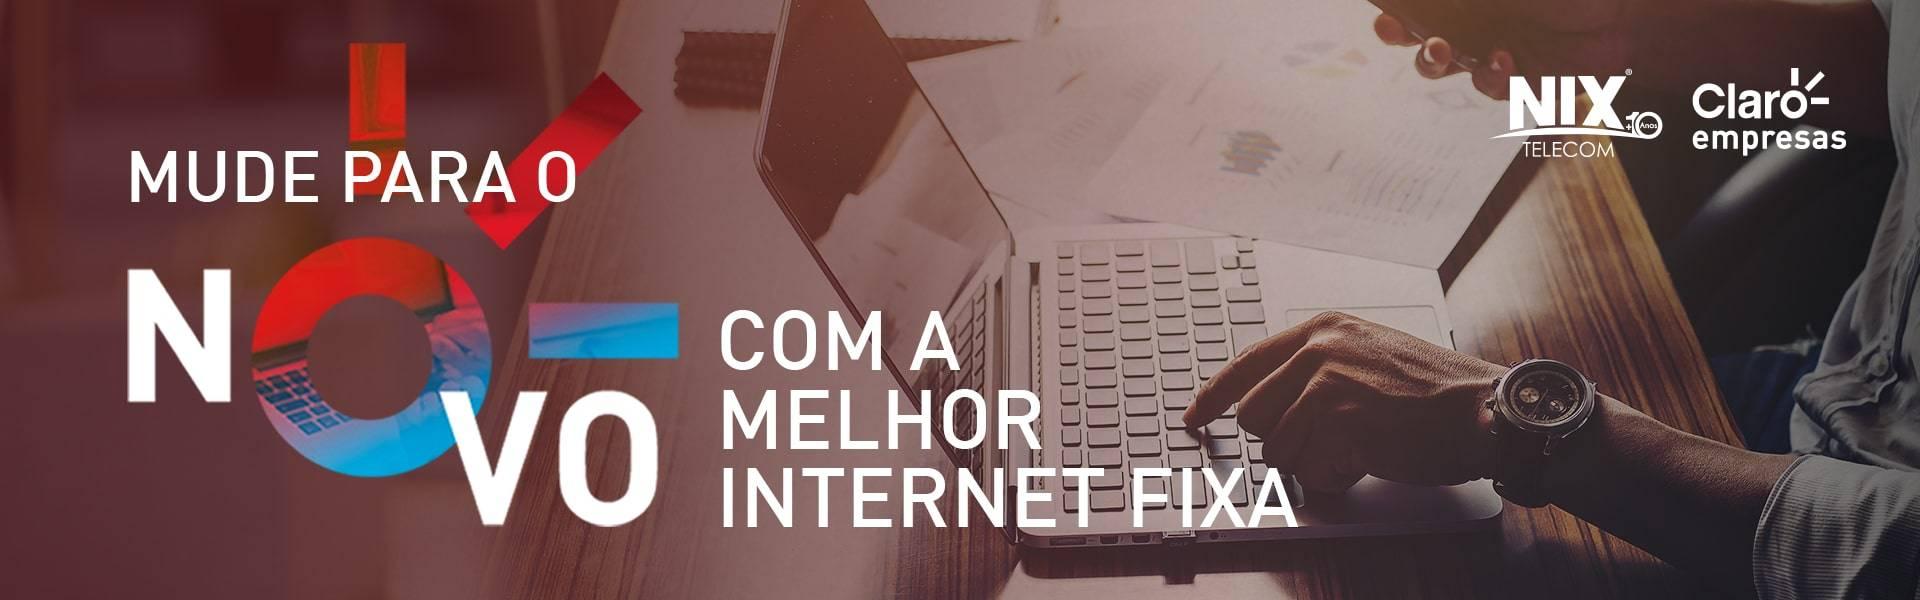 Internet fixa - Nix Telecom